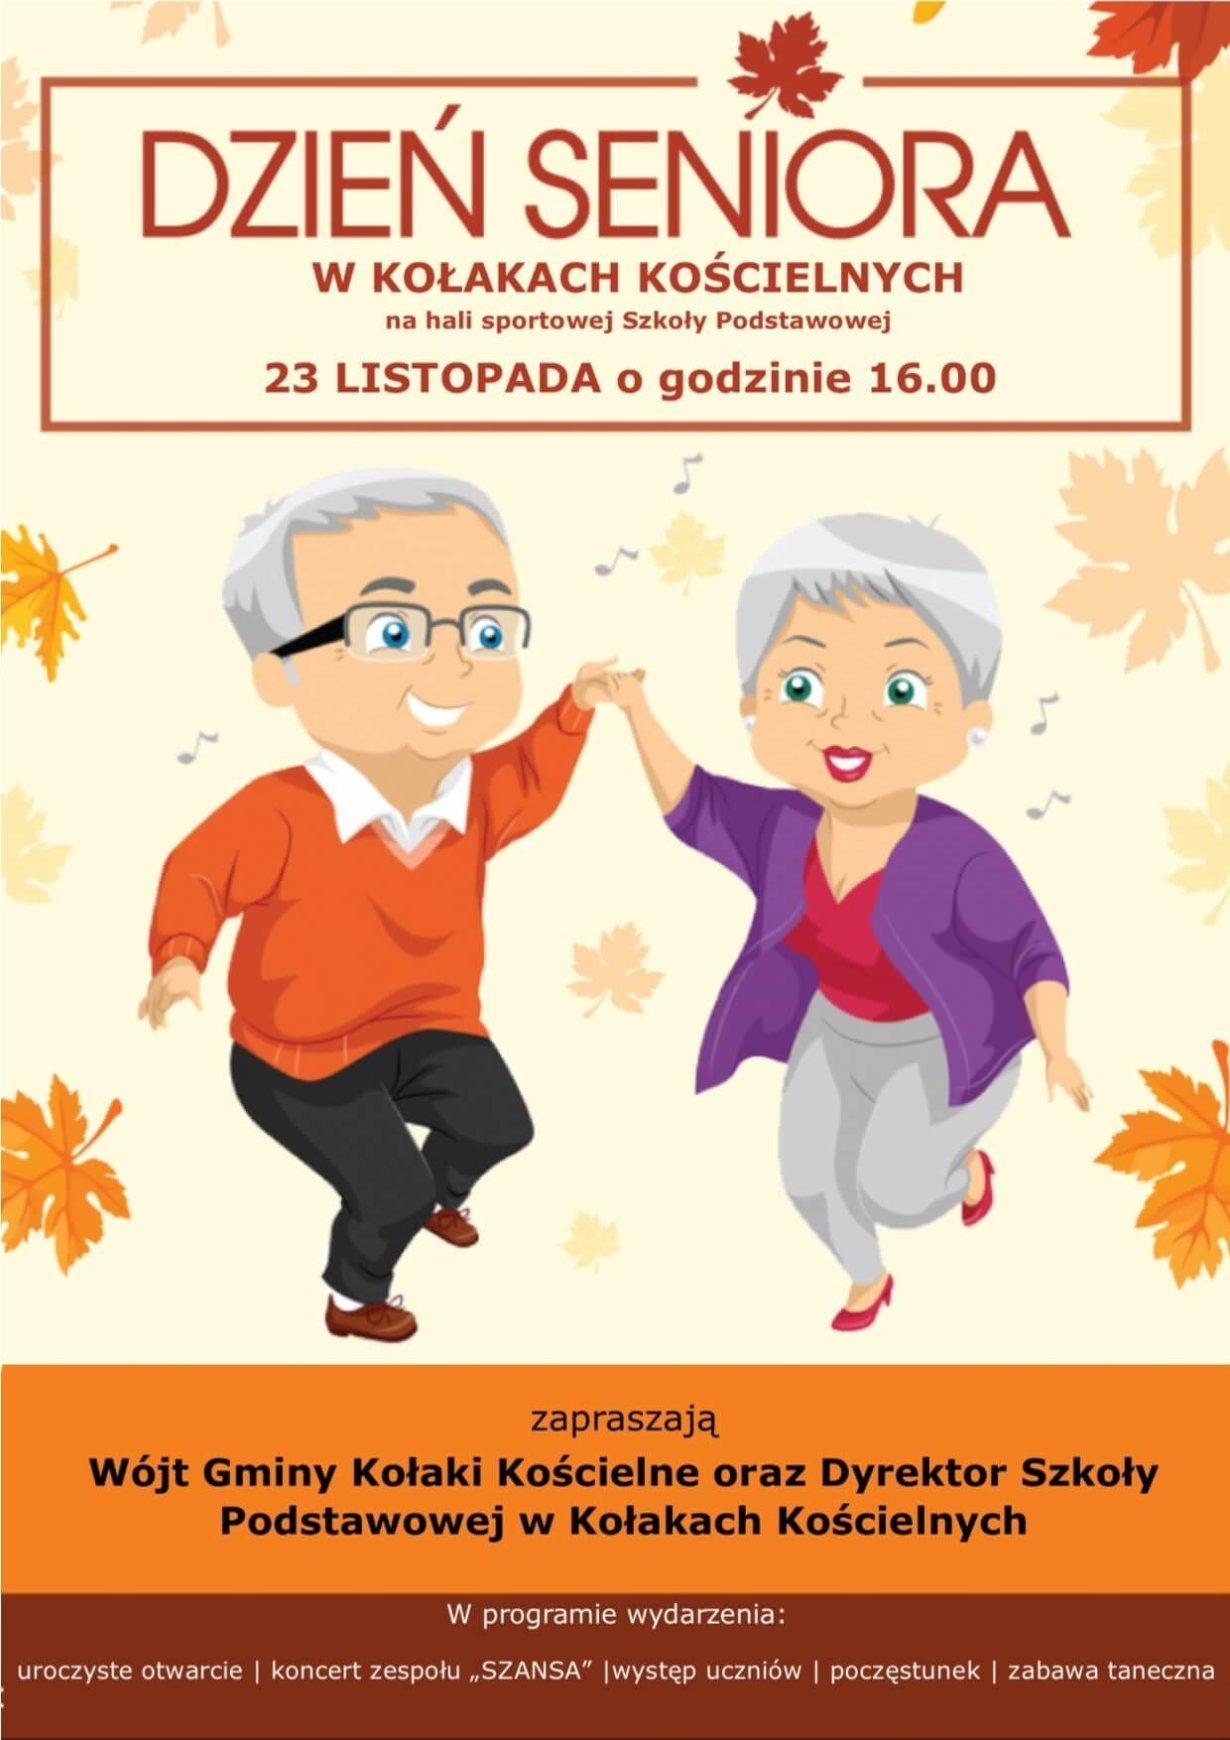 Zaproszenie na Gminny Dzień Seniora w Kołakach Kościelnych